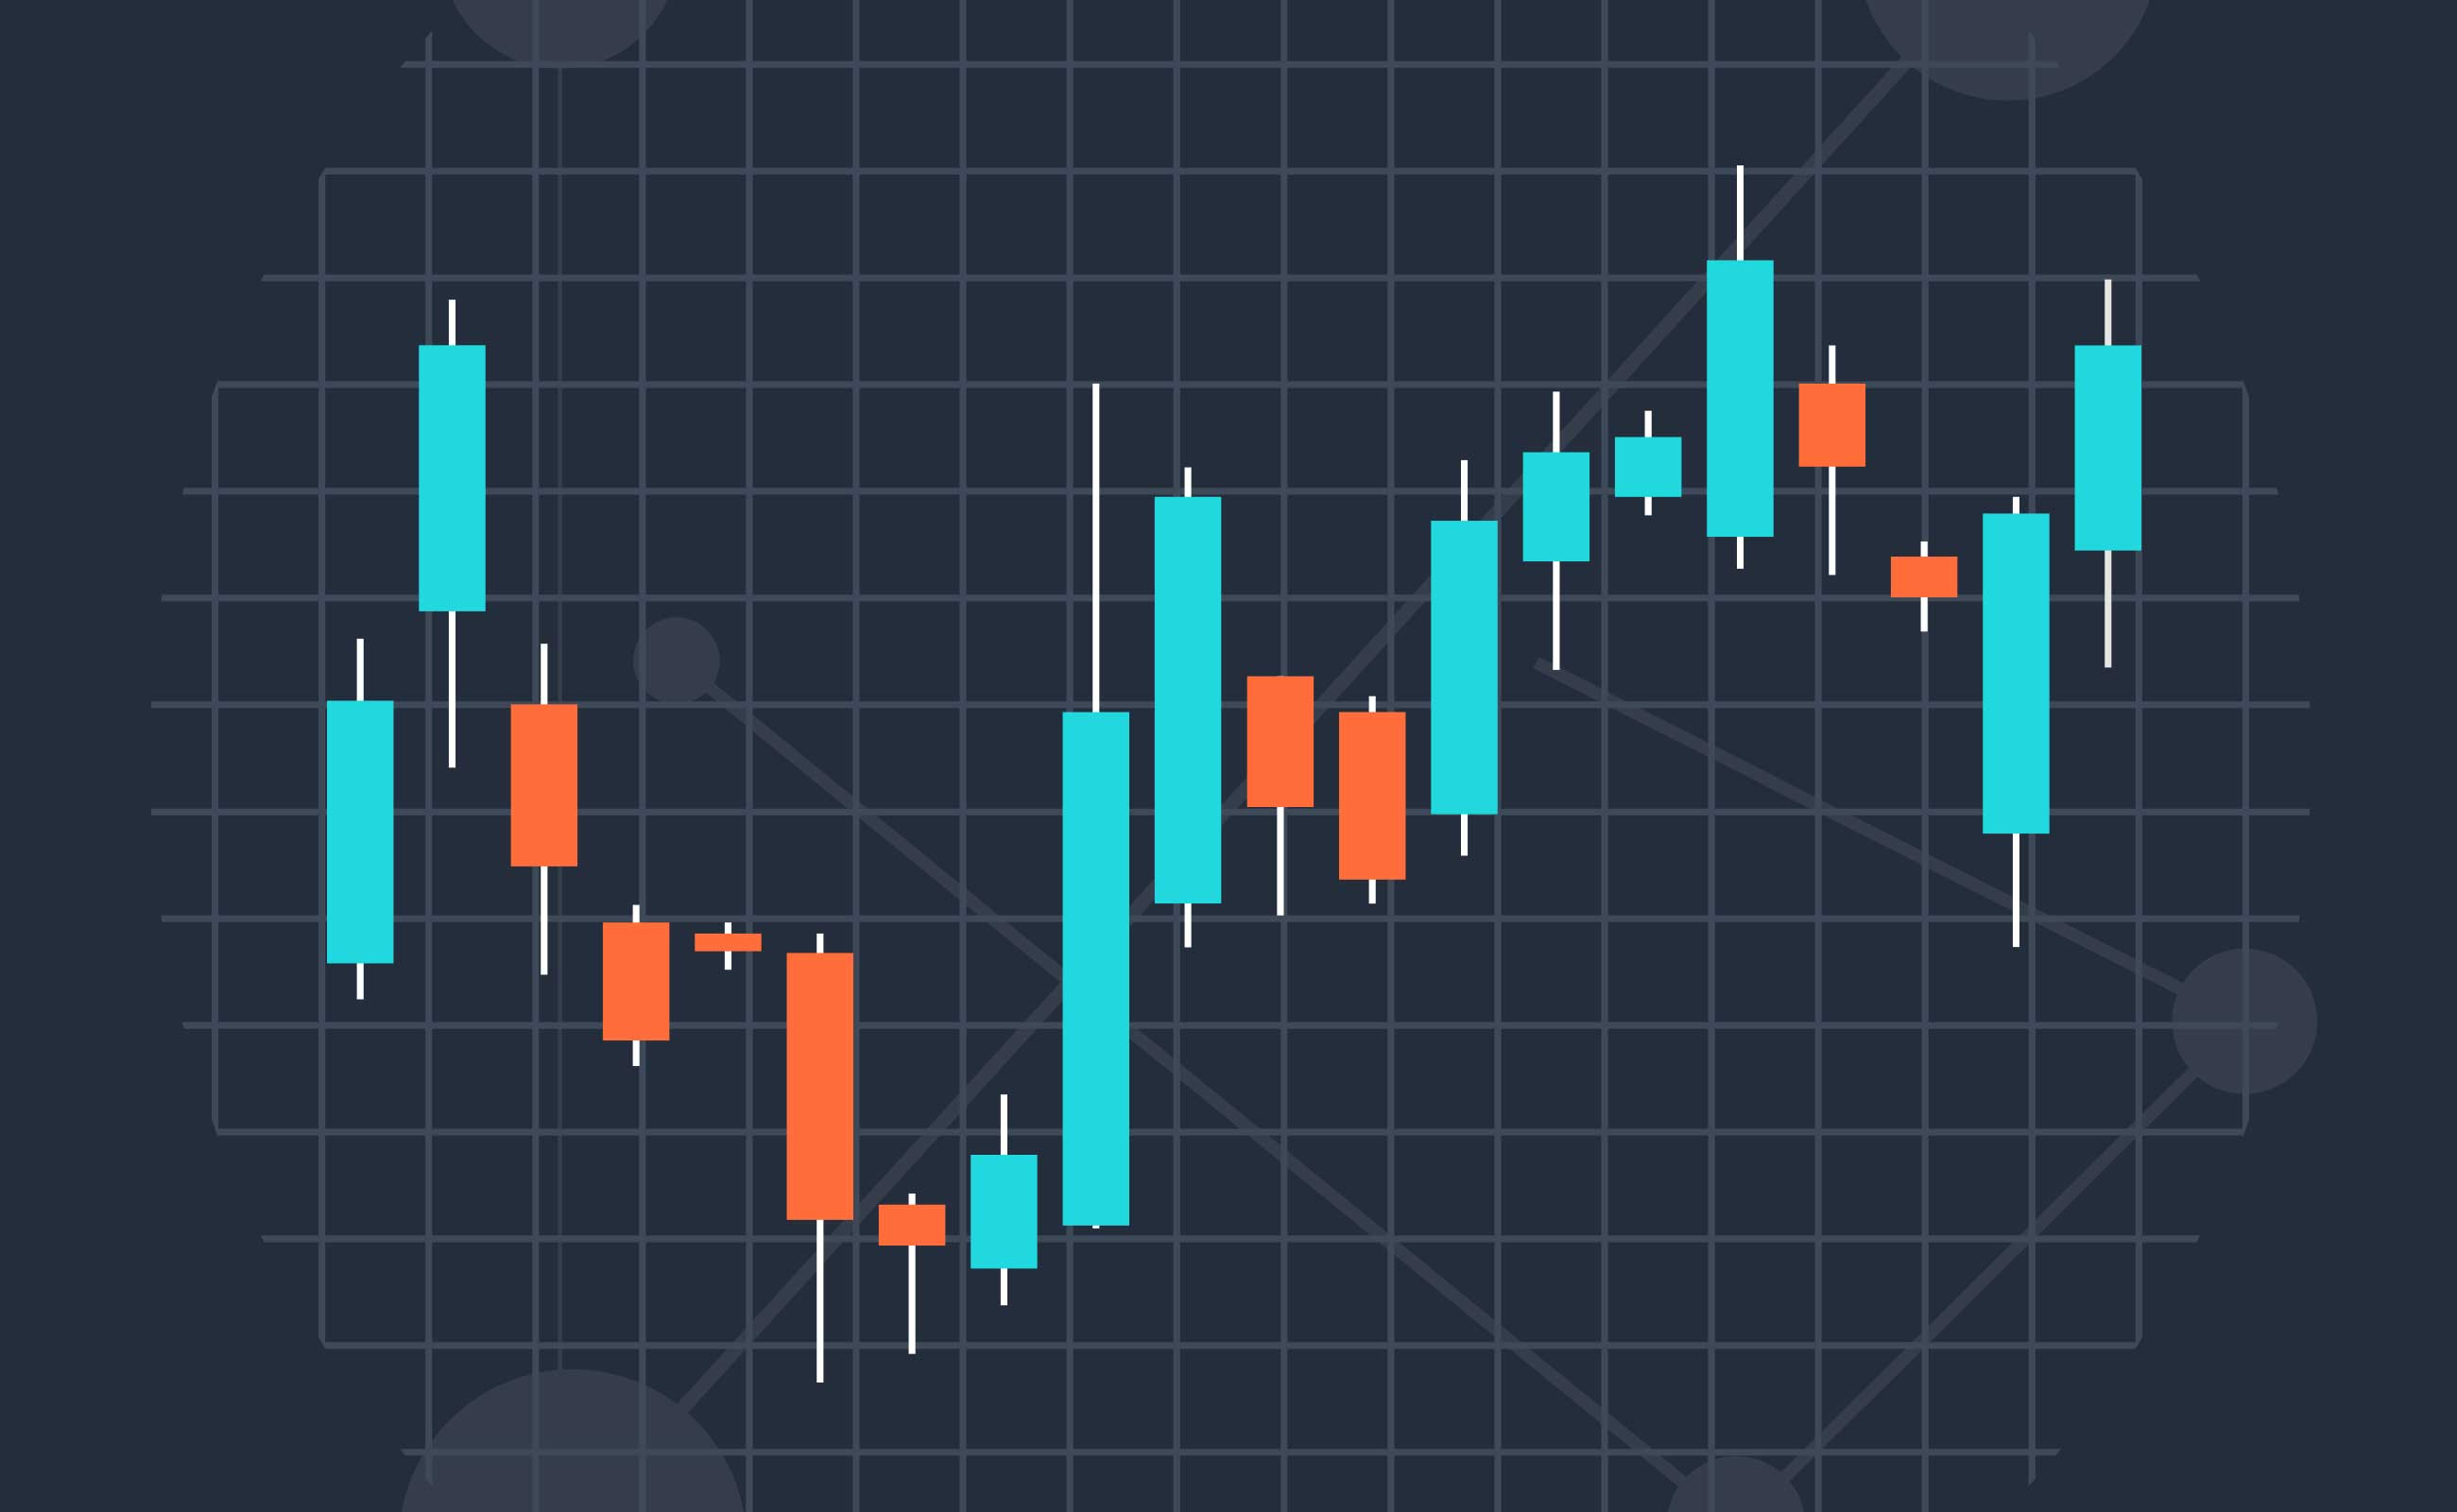 美股三大指数涨跌不一 市场静等美联储议息结果